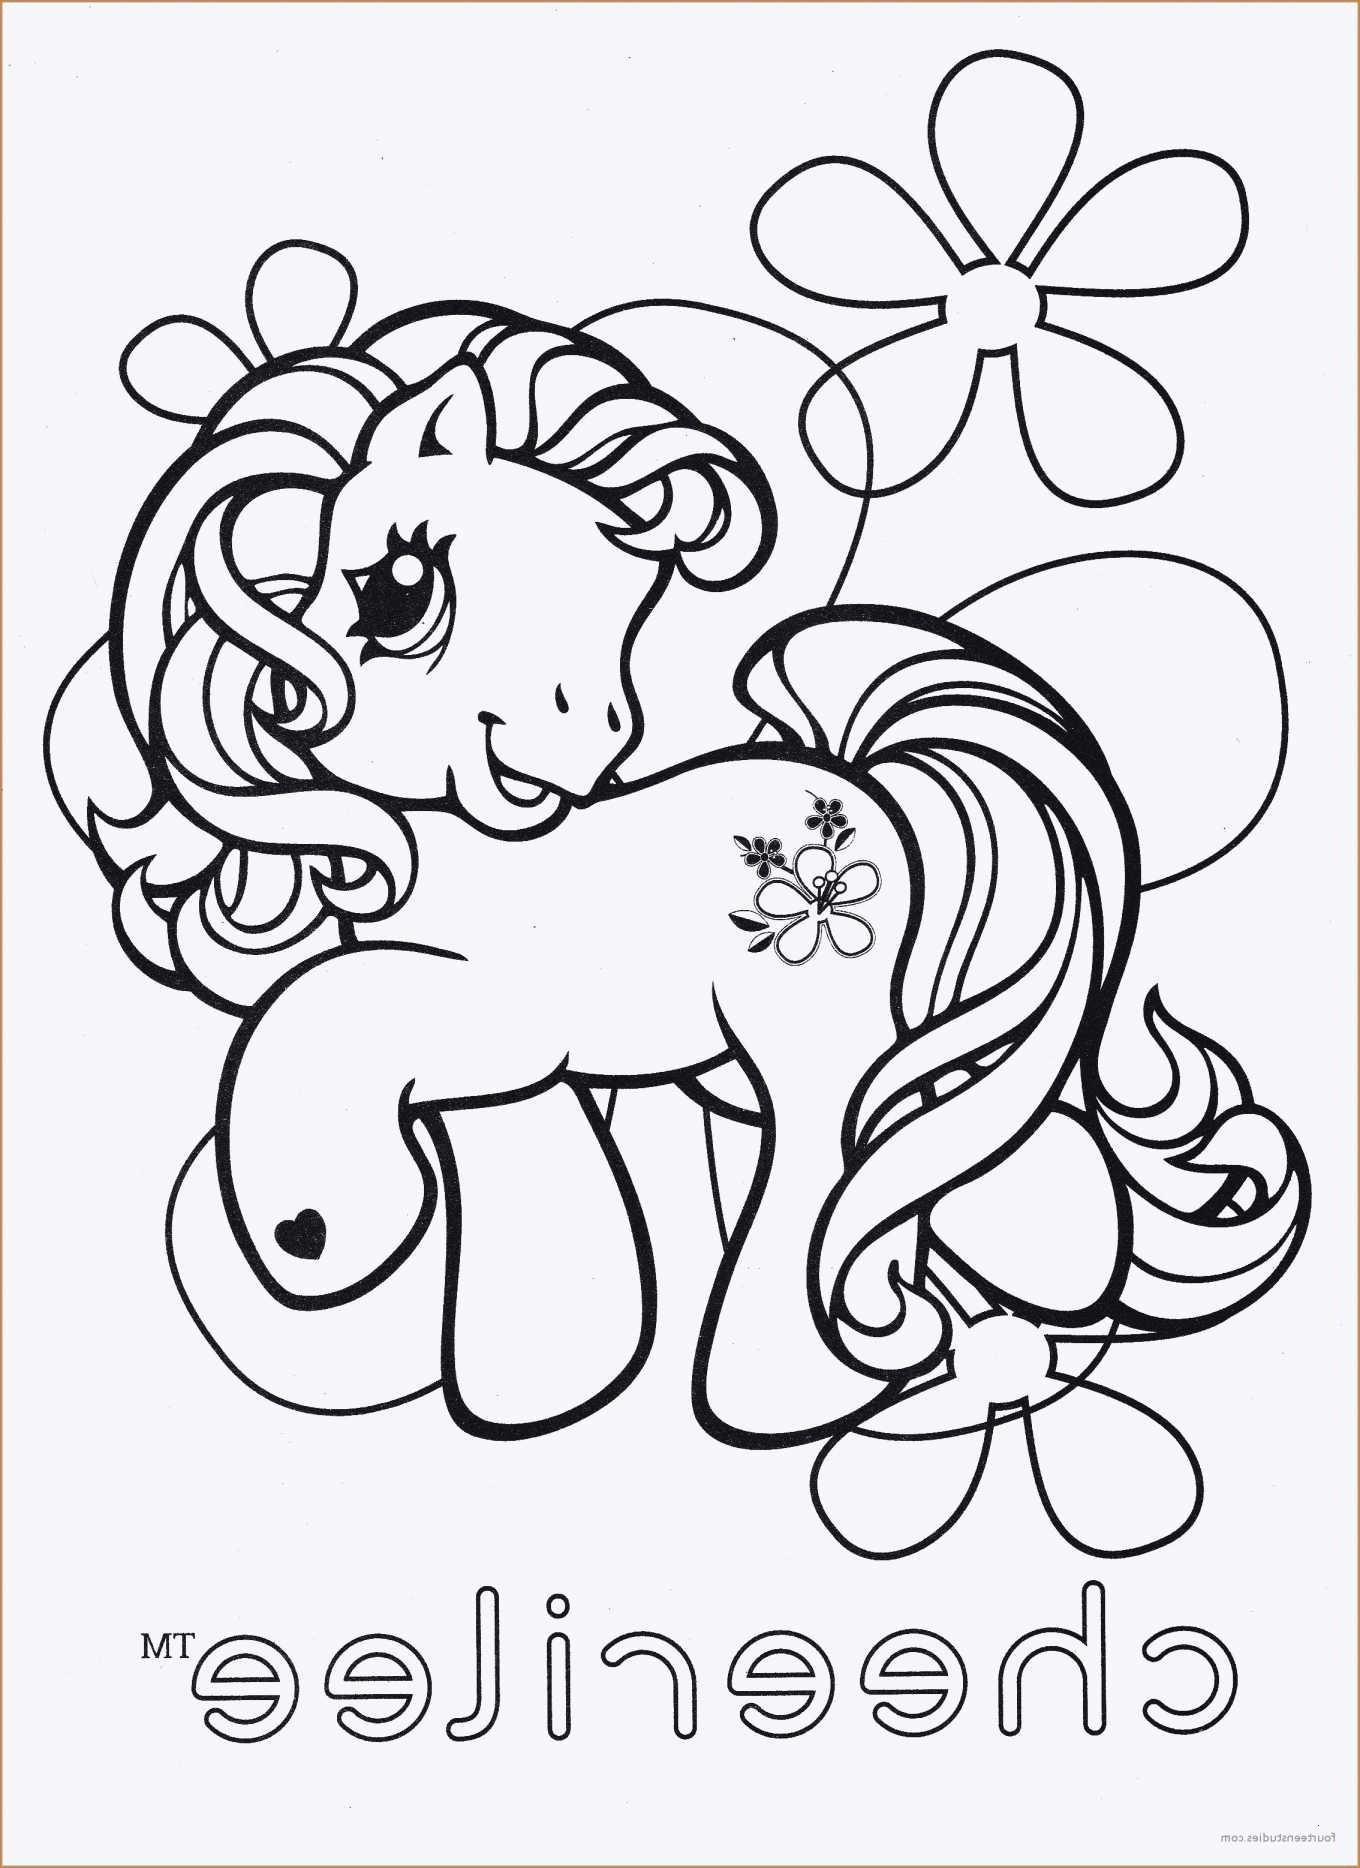 My Little Pony Ausmalbilder Kostenlos Einzigartig 29 Luxus My Little Pony Ausmalbild – Malvorlagen Ideen Fotos